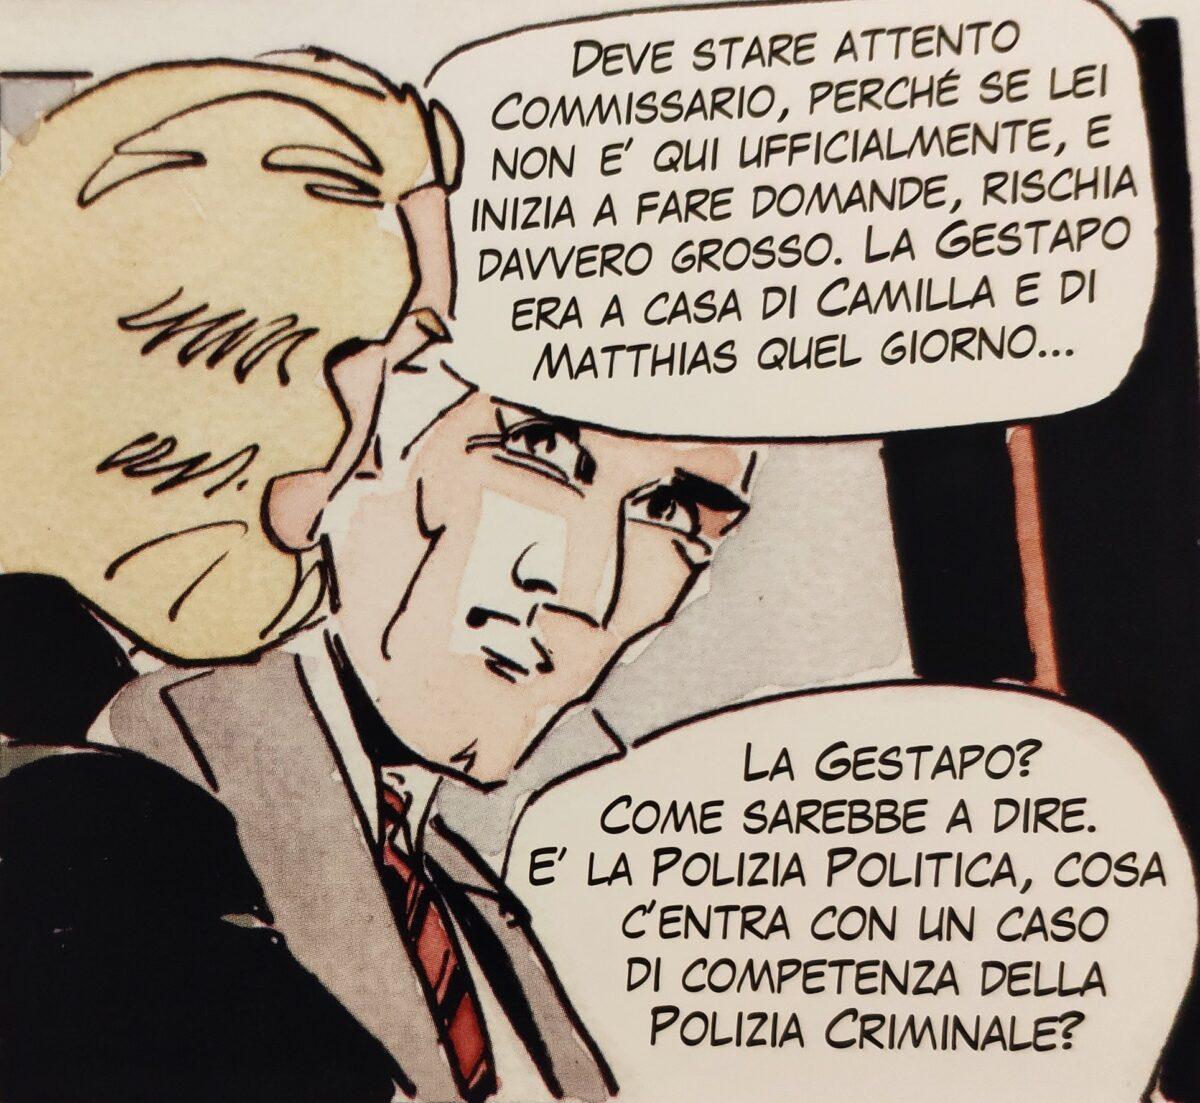 Mio caro fumetto... - L'intervento della Gestapo al posto della Polizia criminale